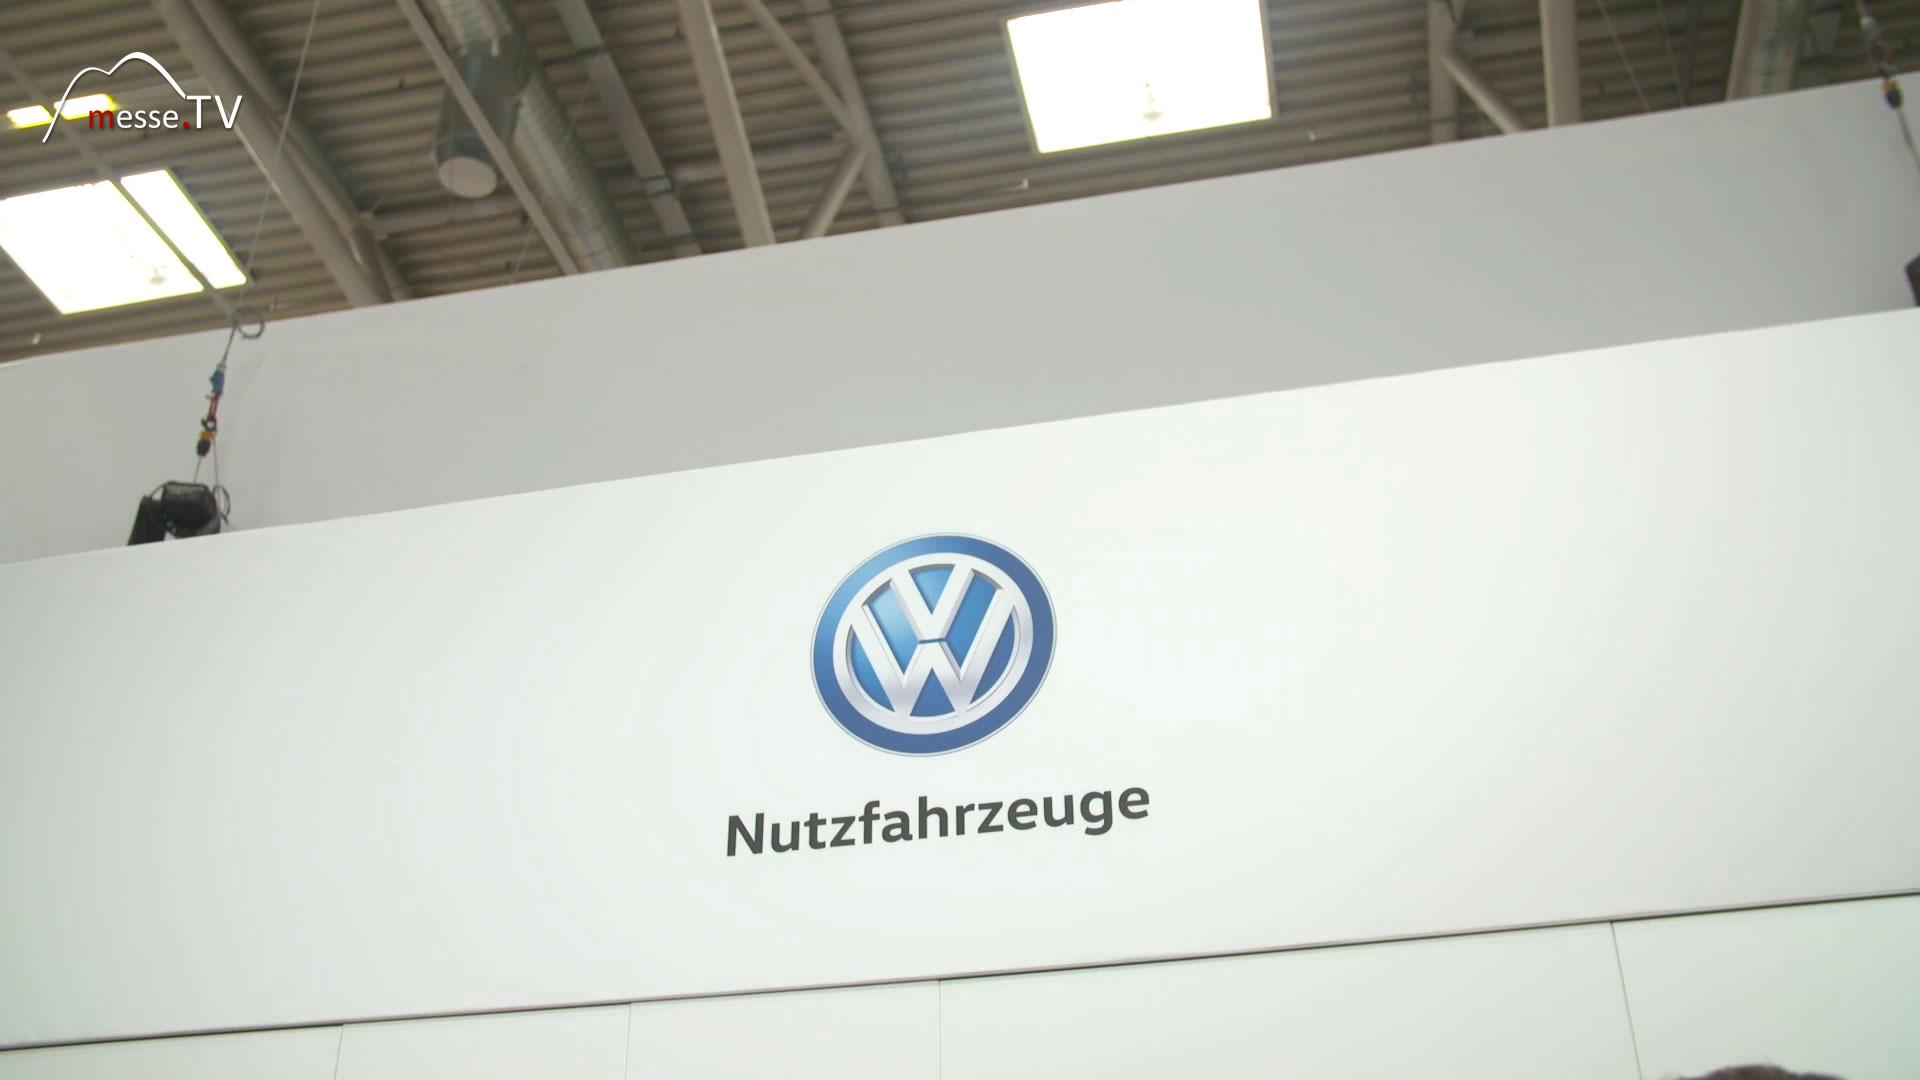 VW Nutzfahrzeuge transport logistic 2019 Messe München